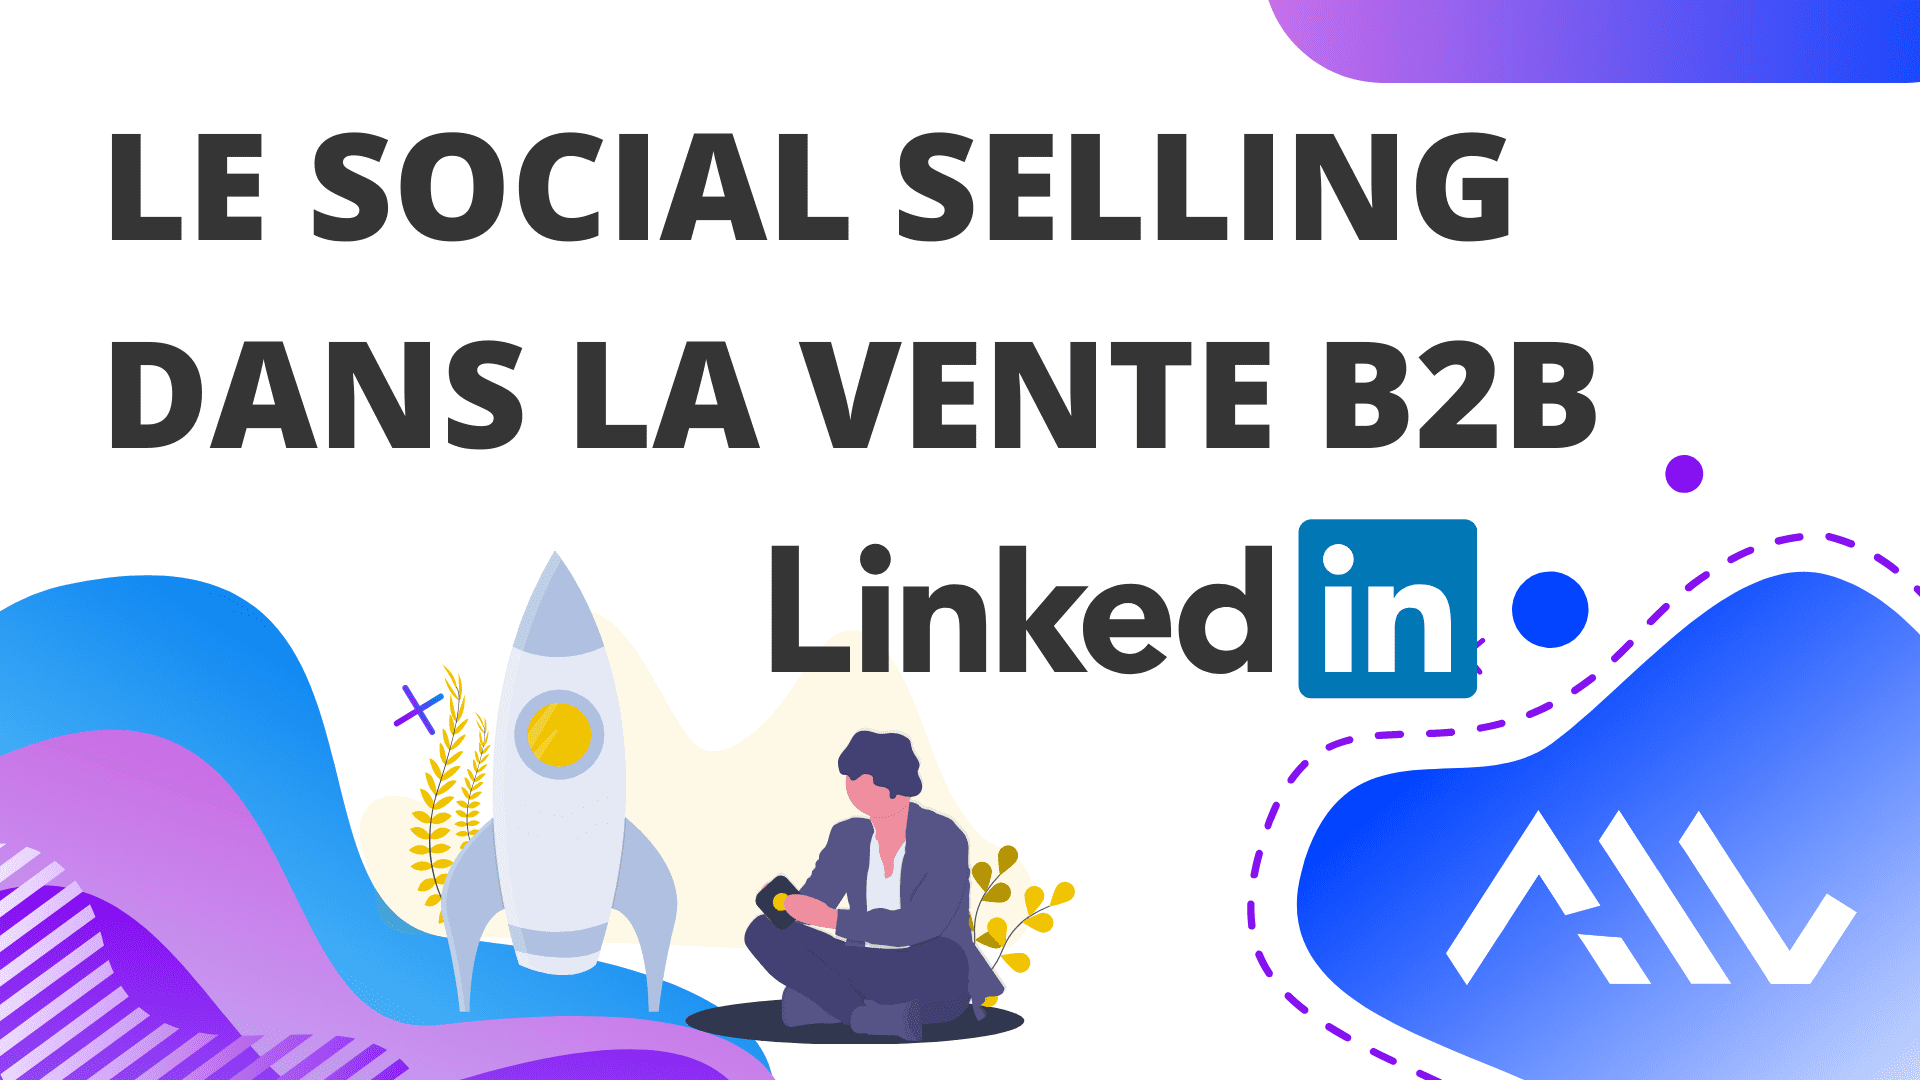 Quels sont les enjeux du Social Selling dans la vente B2B en 2021